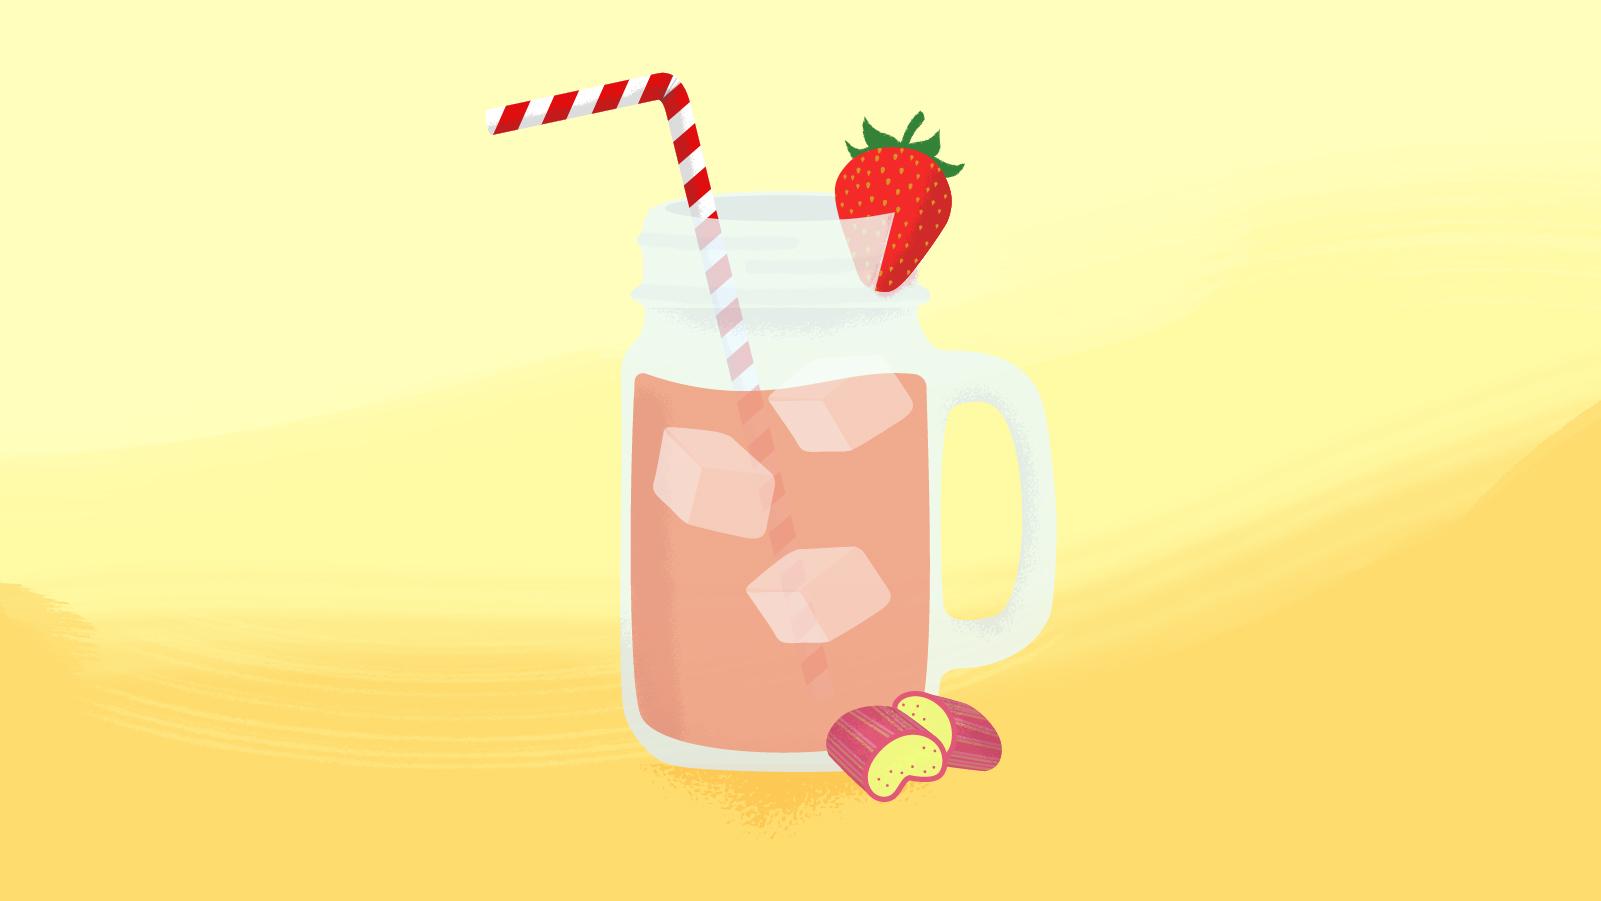 Strawberry-Rhubarb-Syrup-Drink-Bring